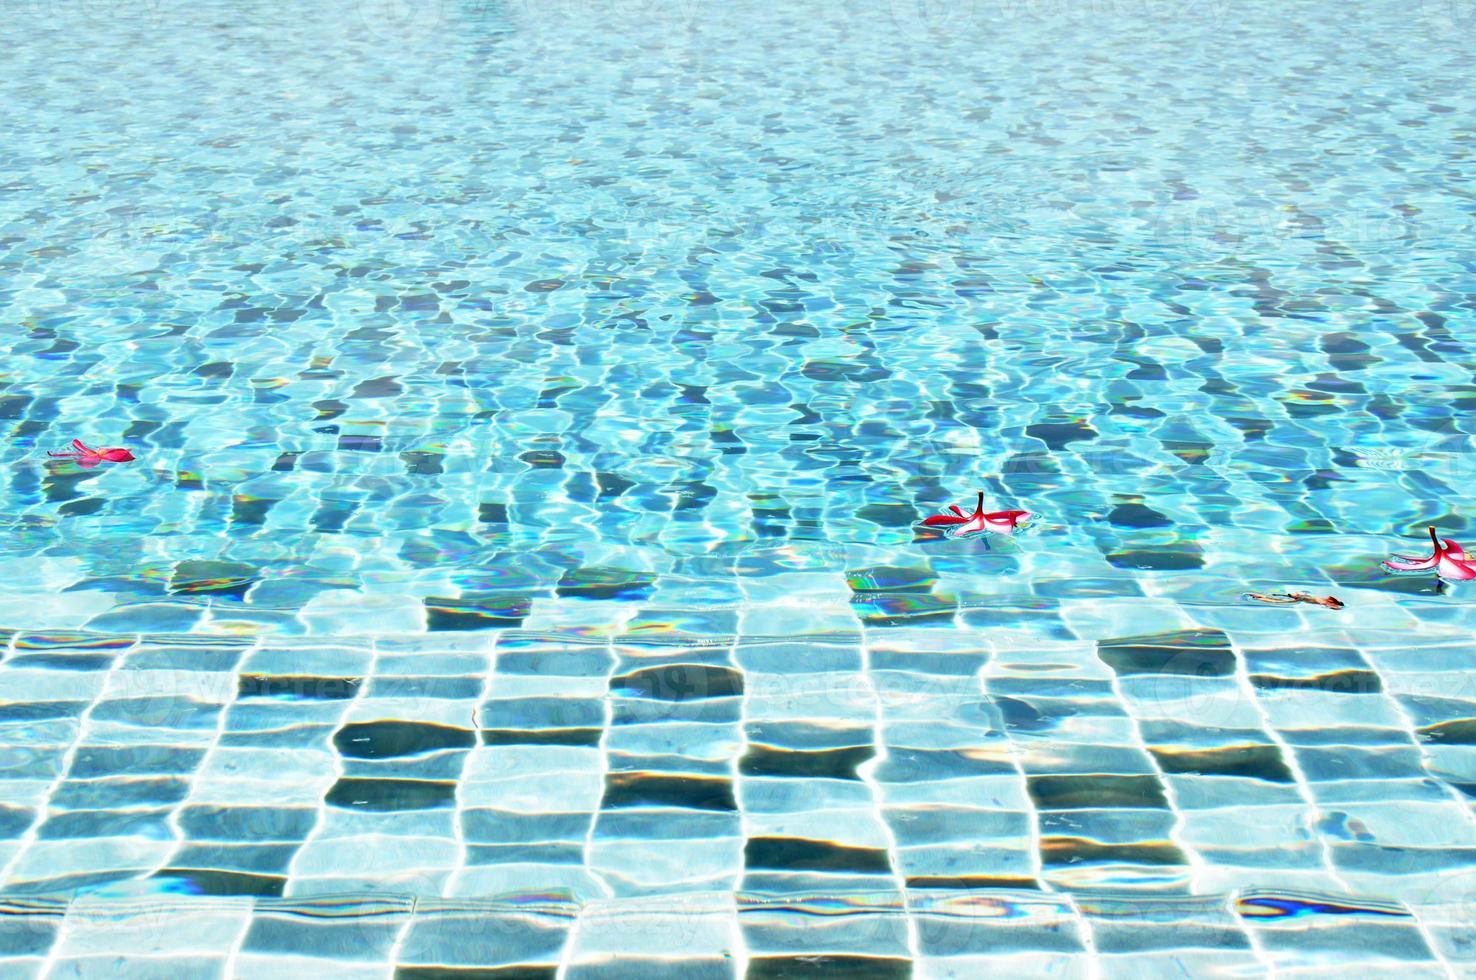 l'eau dans la piscine bleue photo